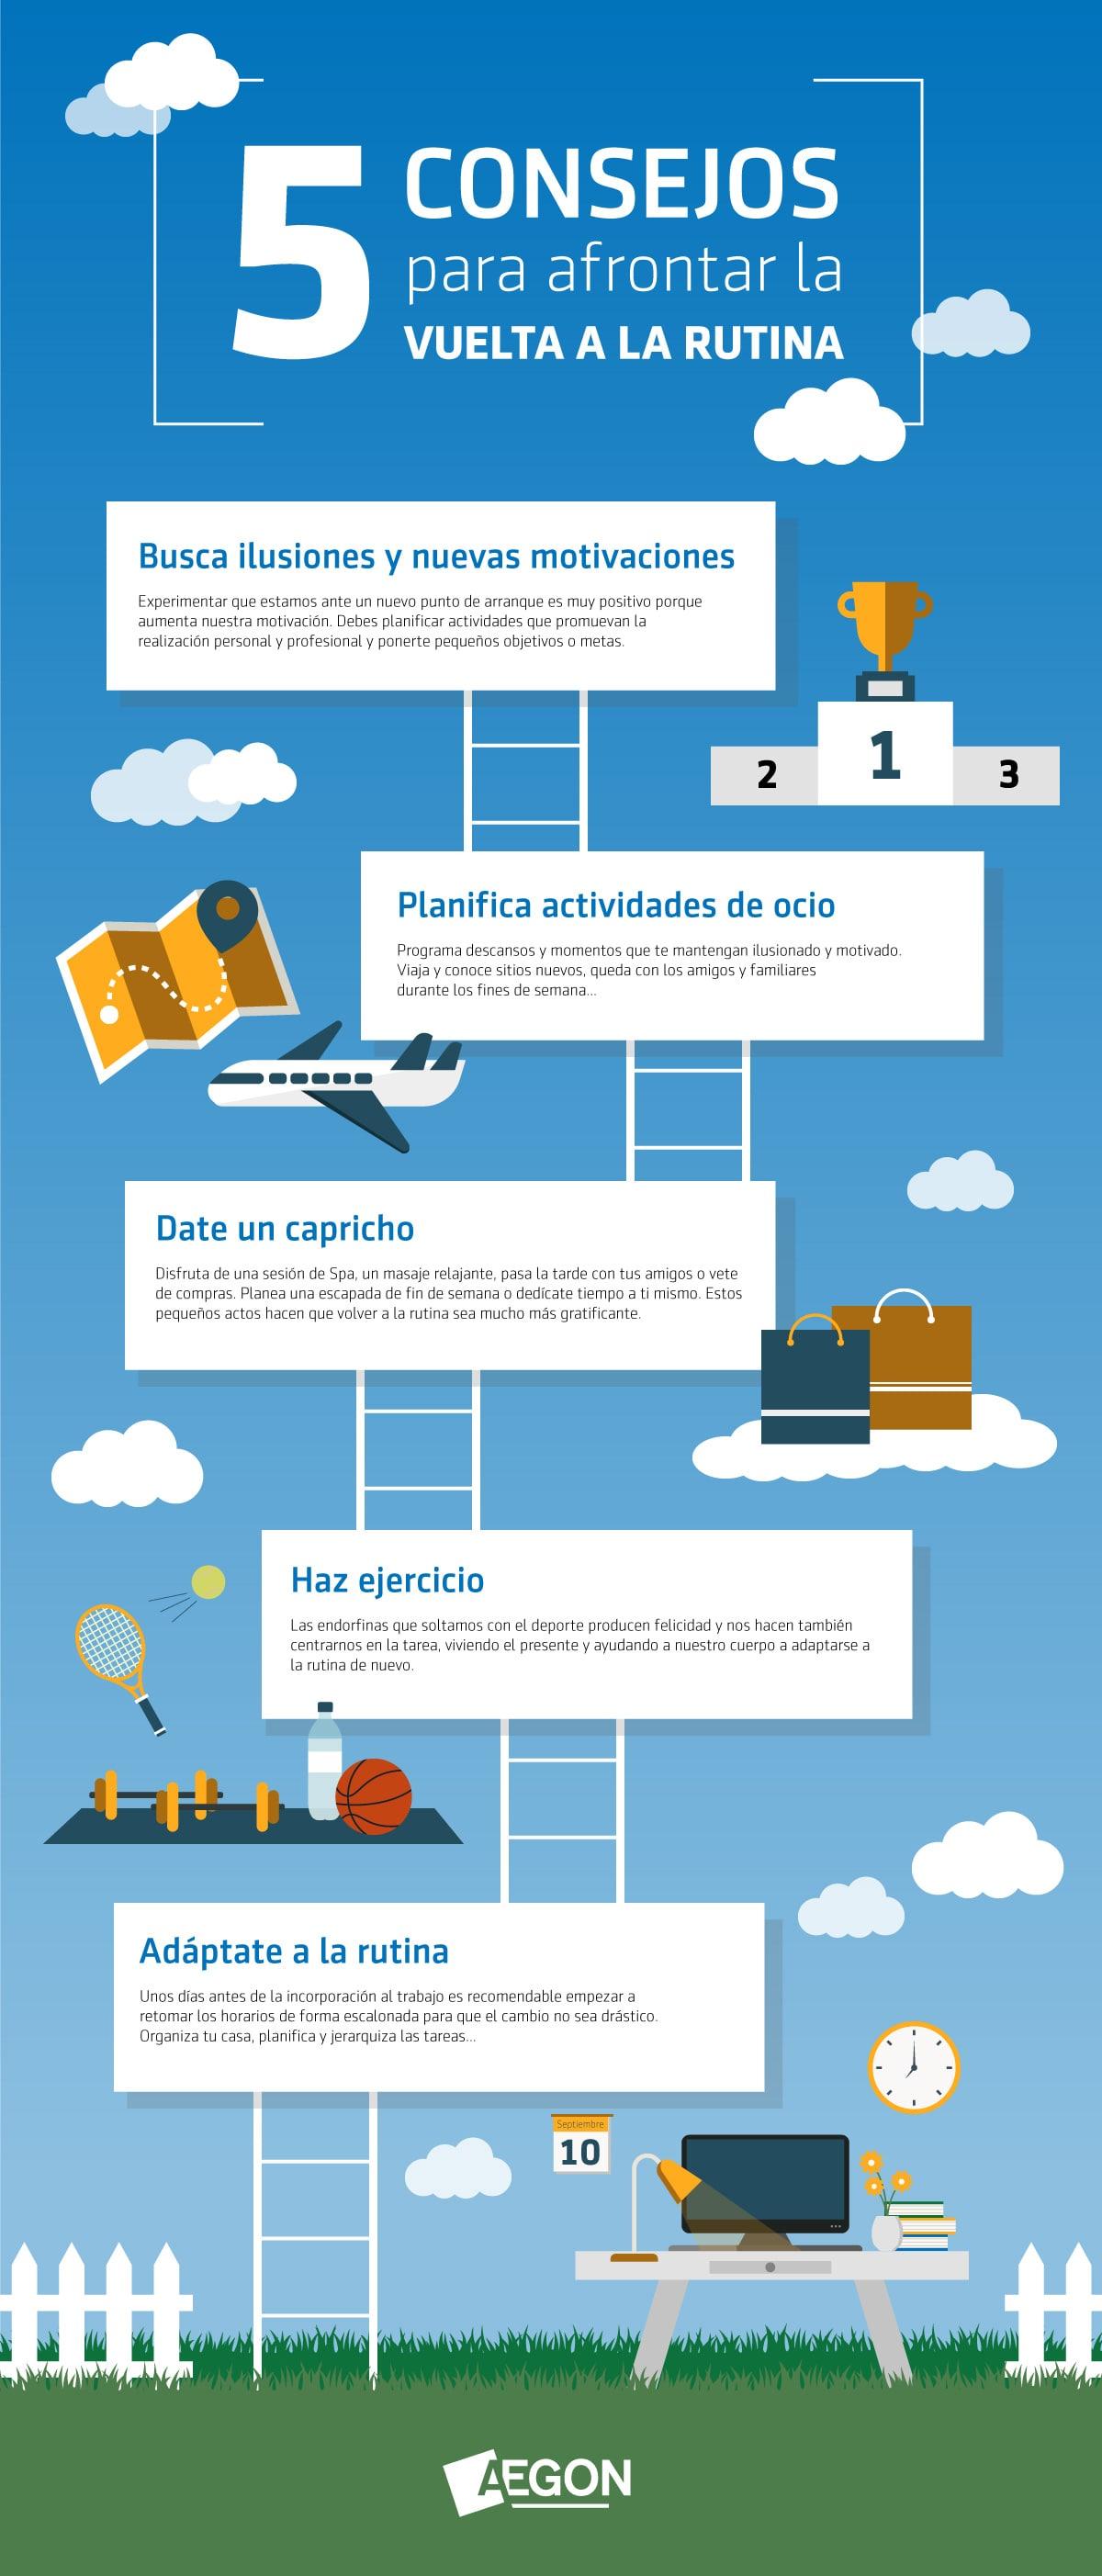 Ilustración que ofrece cinco consejos para afrontar la vuelta a la rutina tras las vacaciones